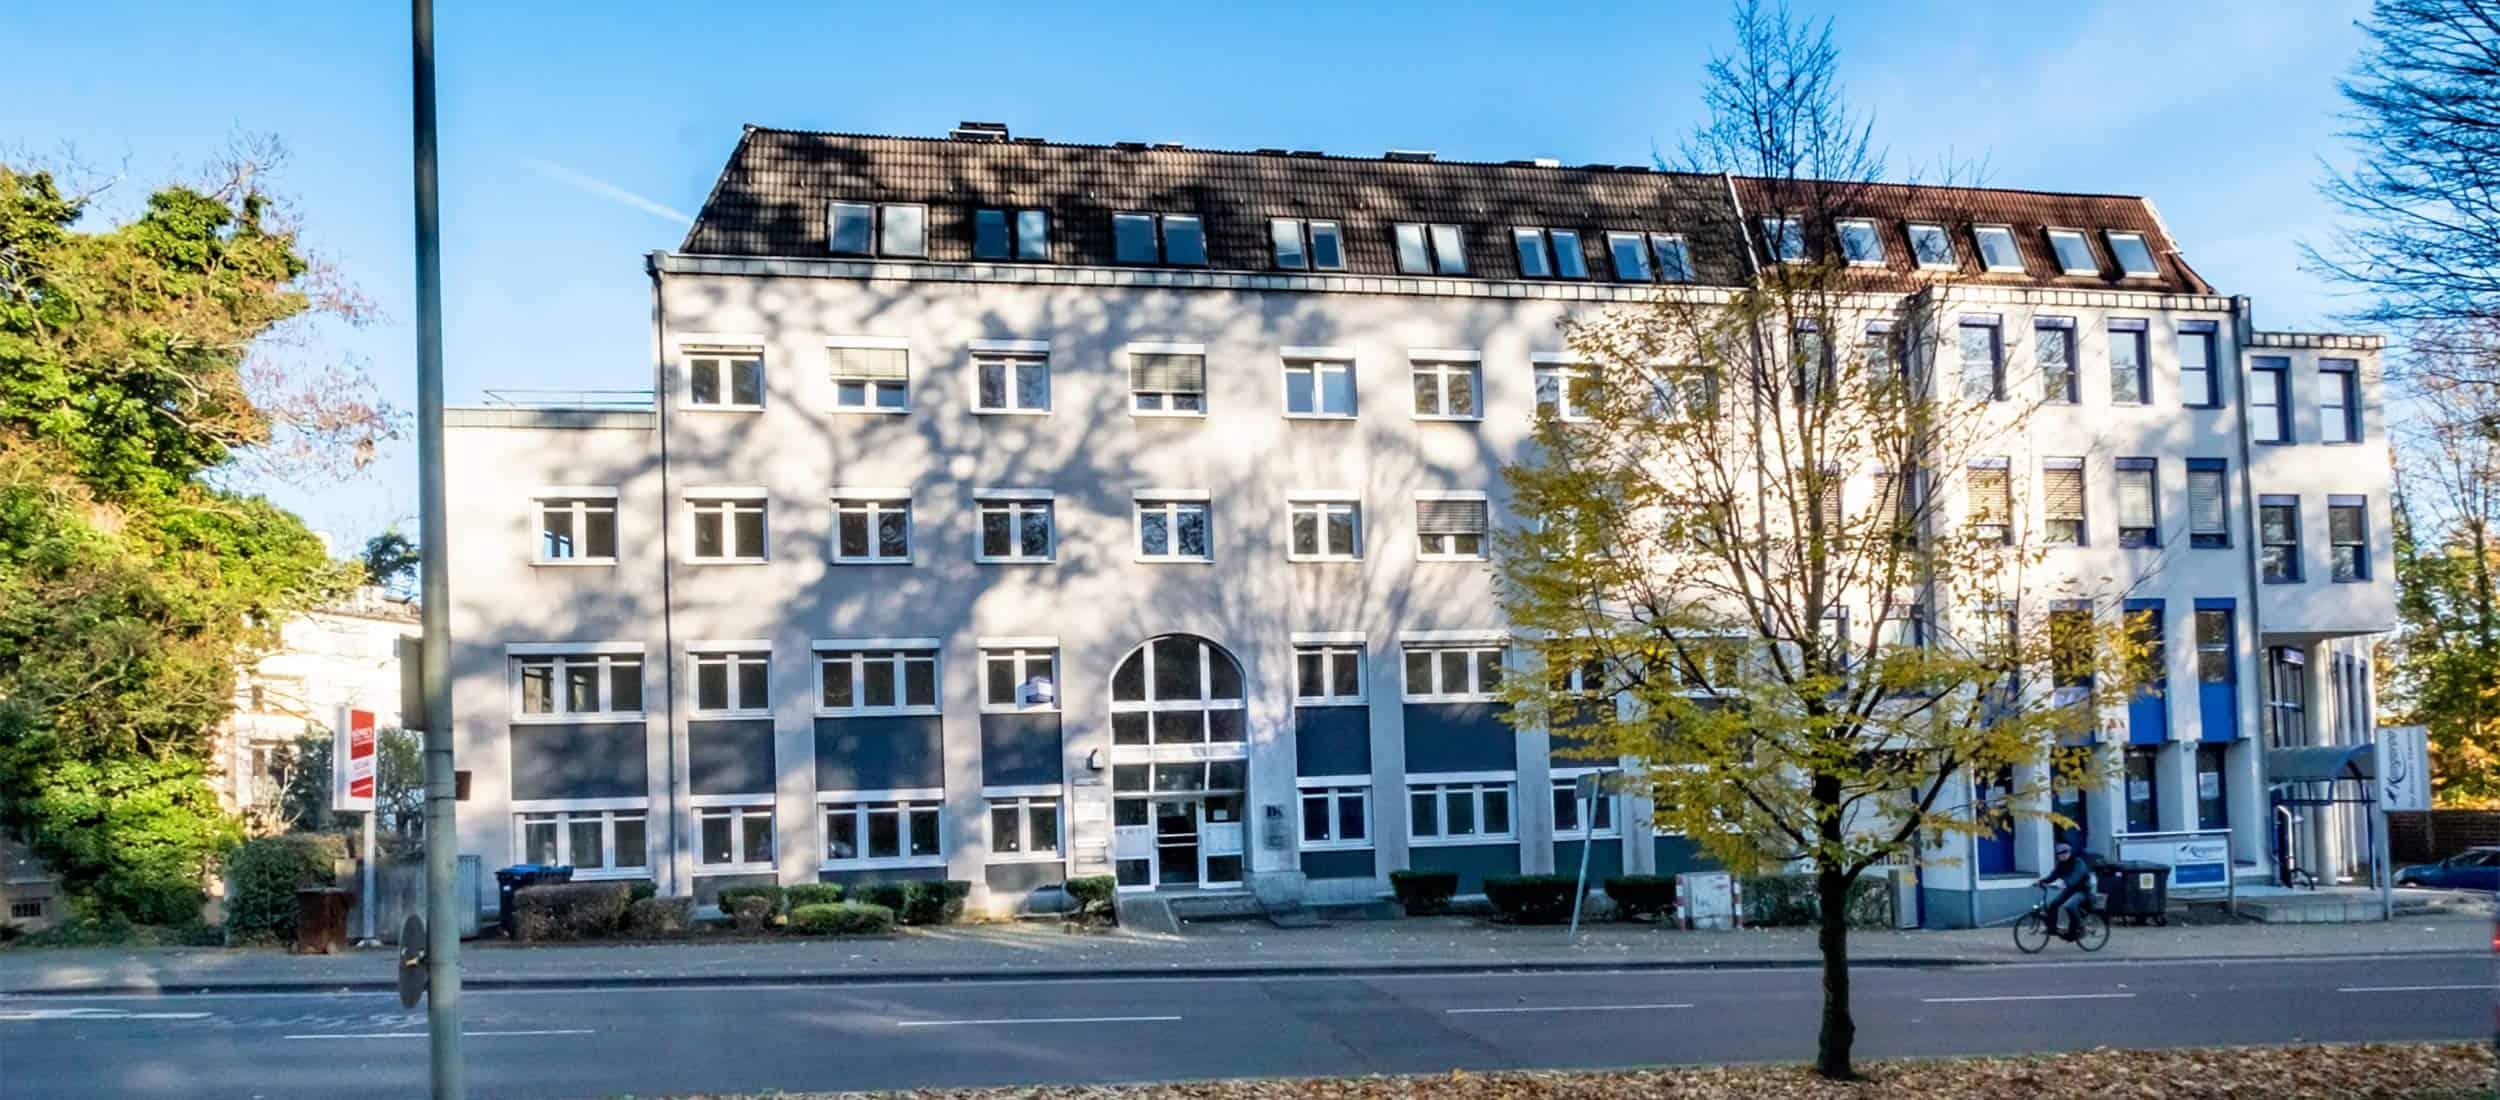 Buchalik Brömmekamp - Standort in Mönchengladbach